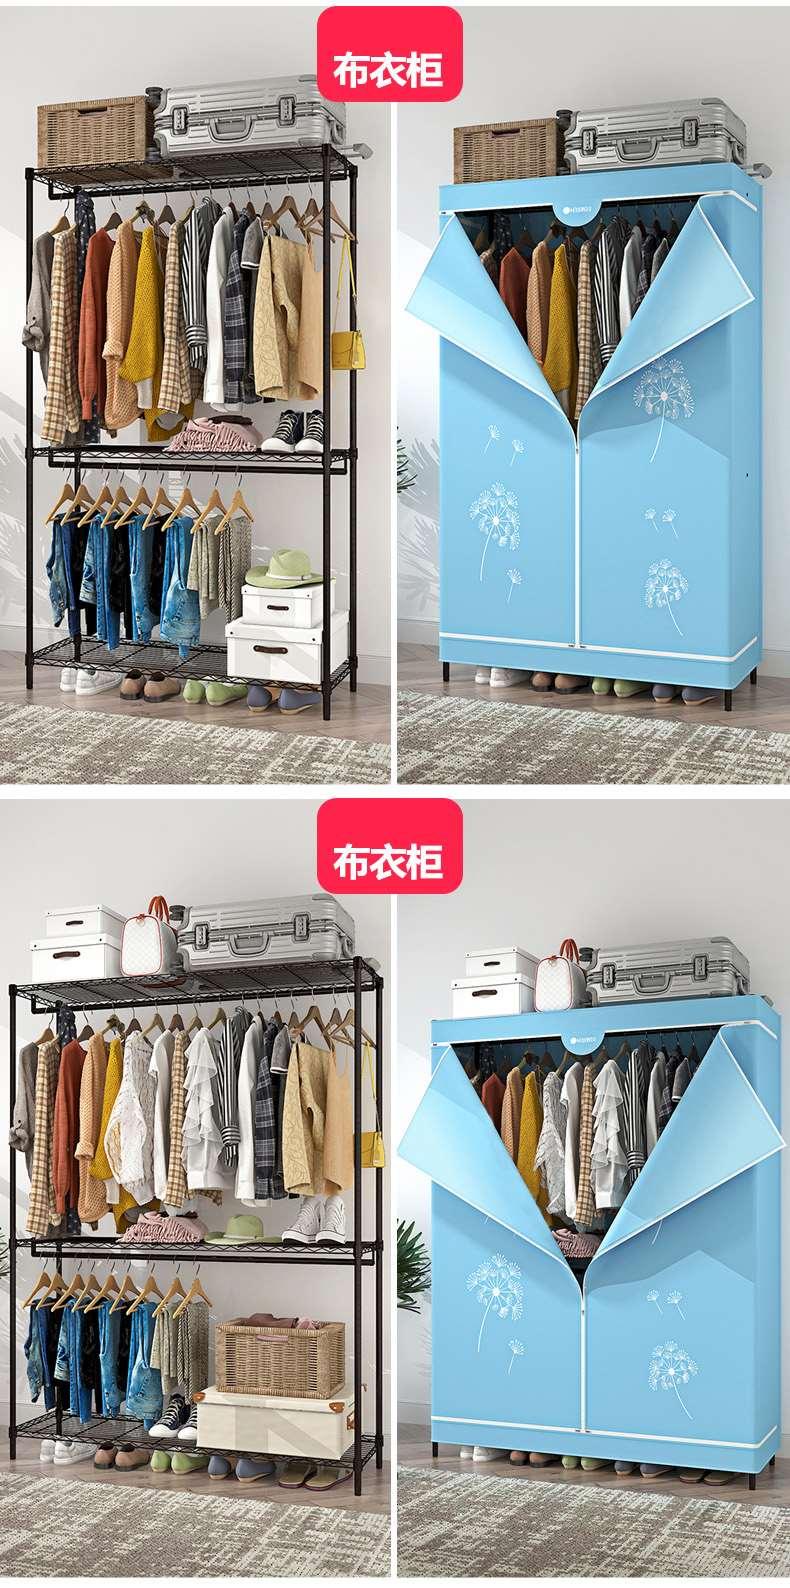 大容量组合简易布衣柜圆管可调节衣橱衣架-川井 (14)